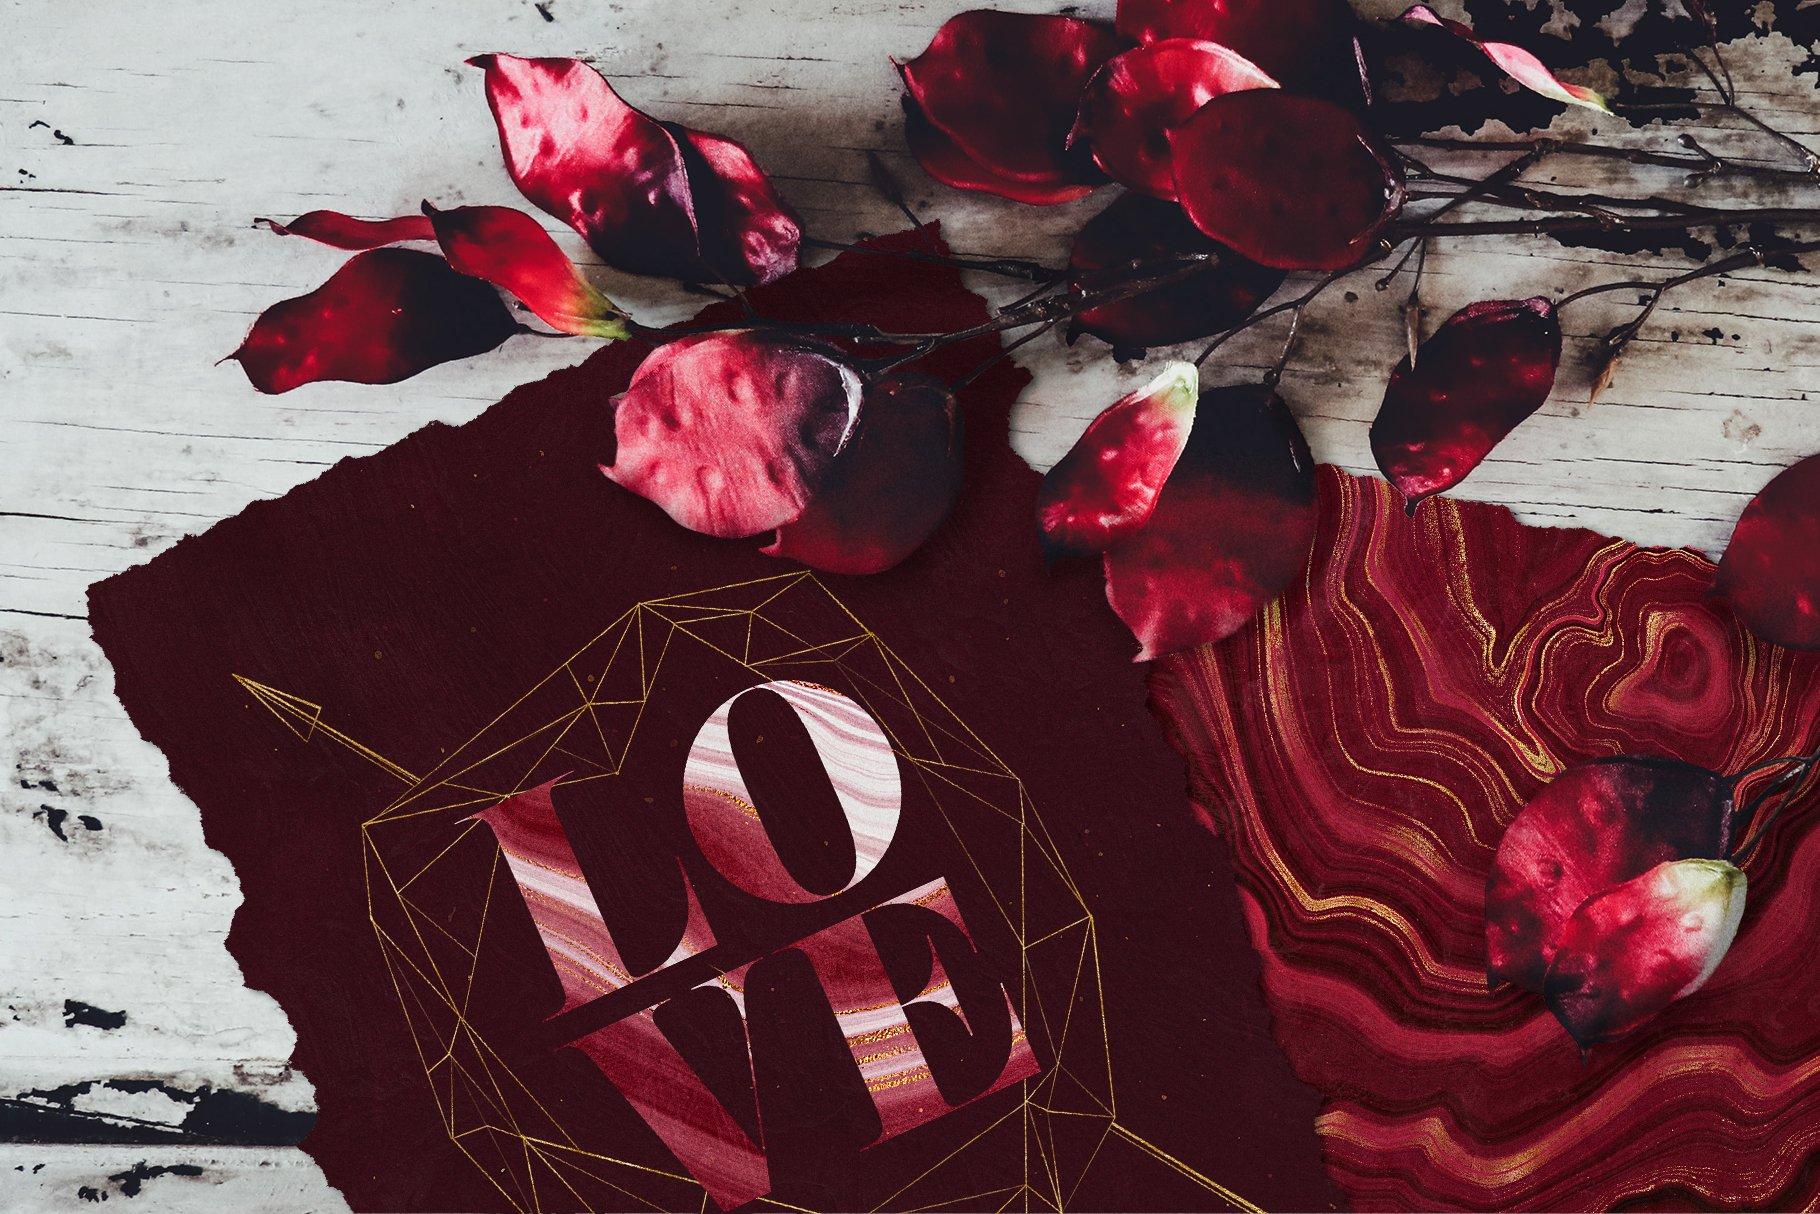 10款抽象奢华红色玛瑙石金箔纸纹理背景图片设计素材 Gold Veined Red Agate Textures插图18